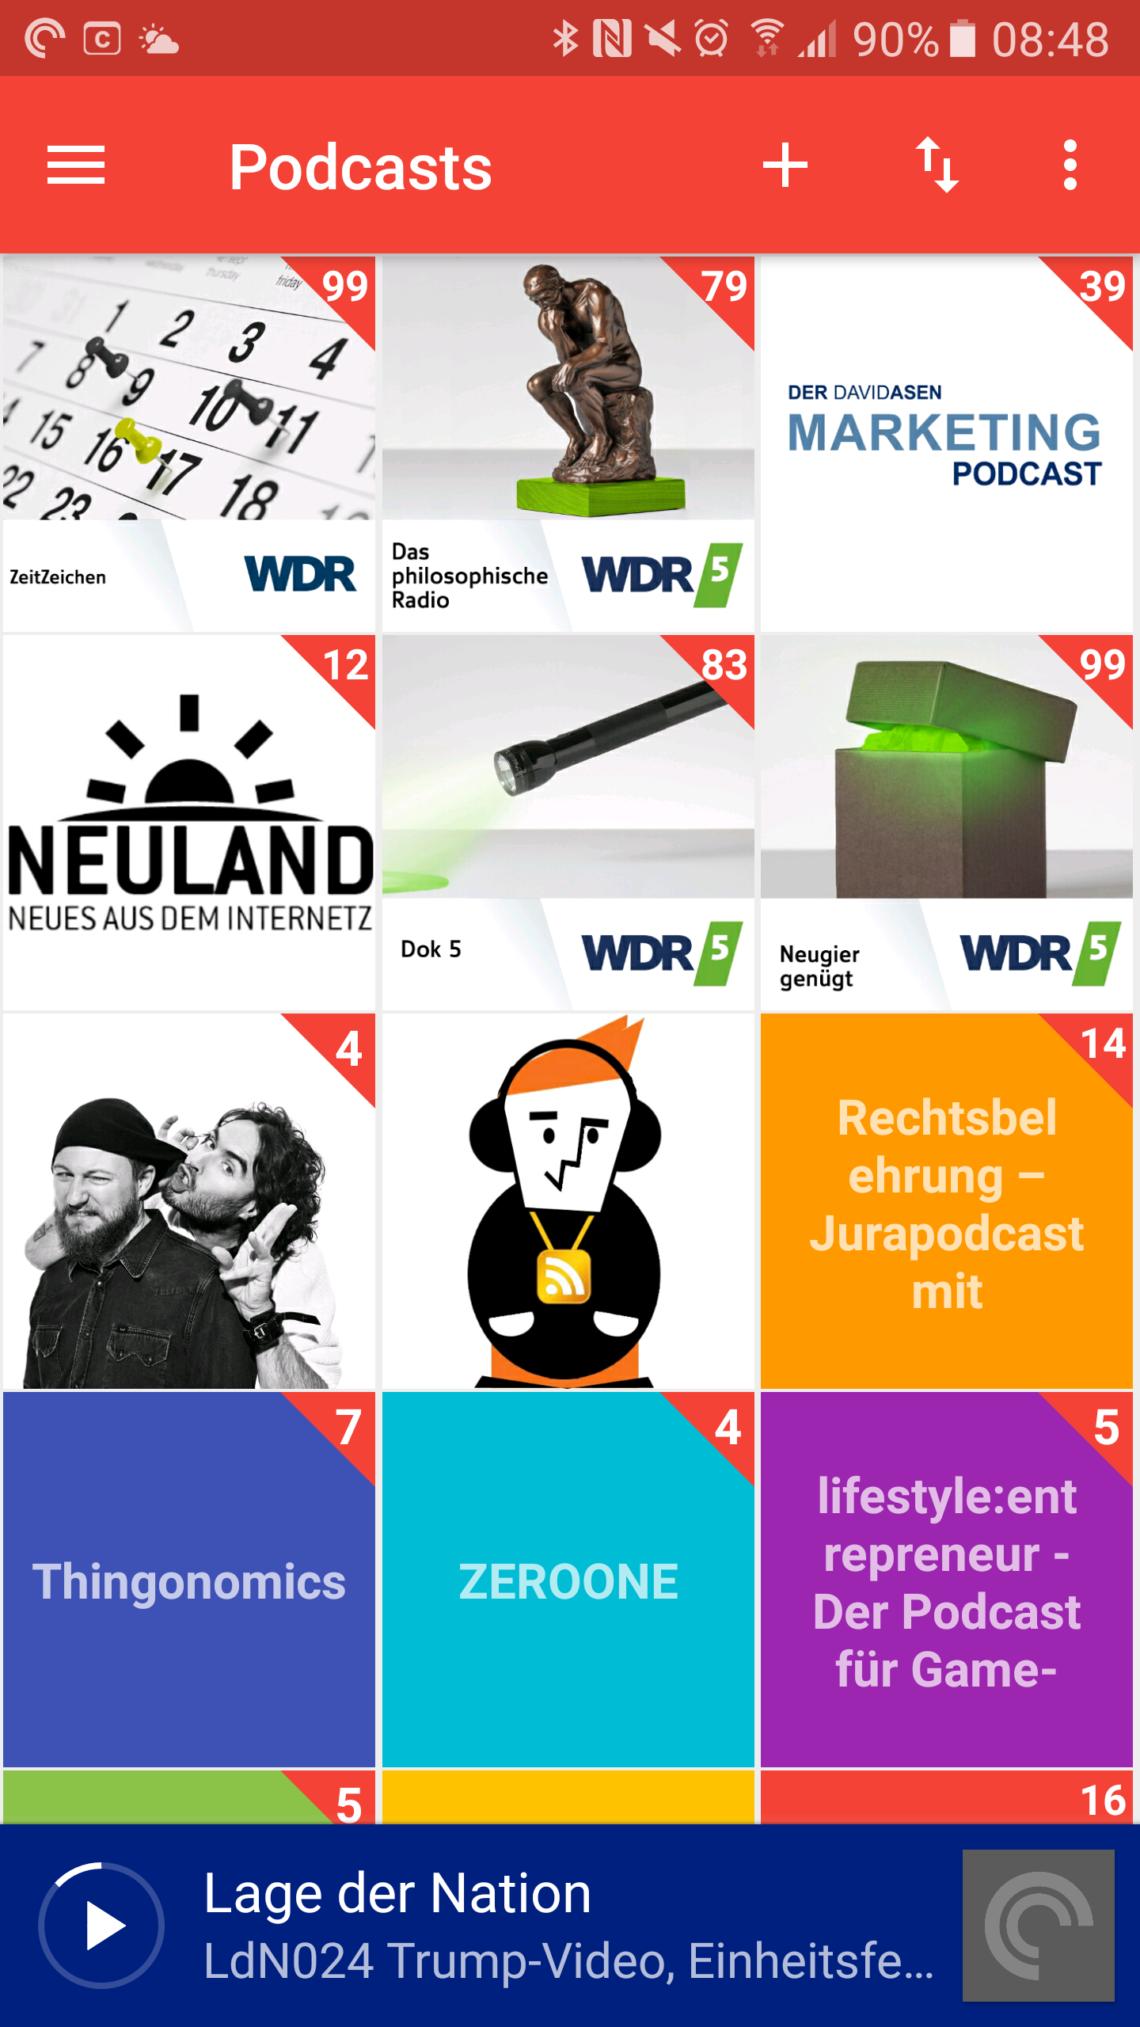 Podcast Anleitung: Podcasts finden, hören, abonnieren, herunterladen